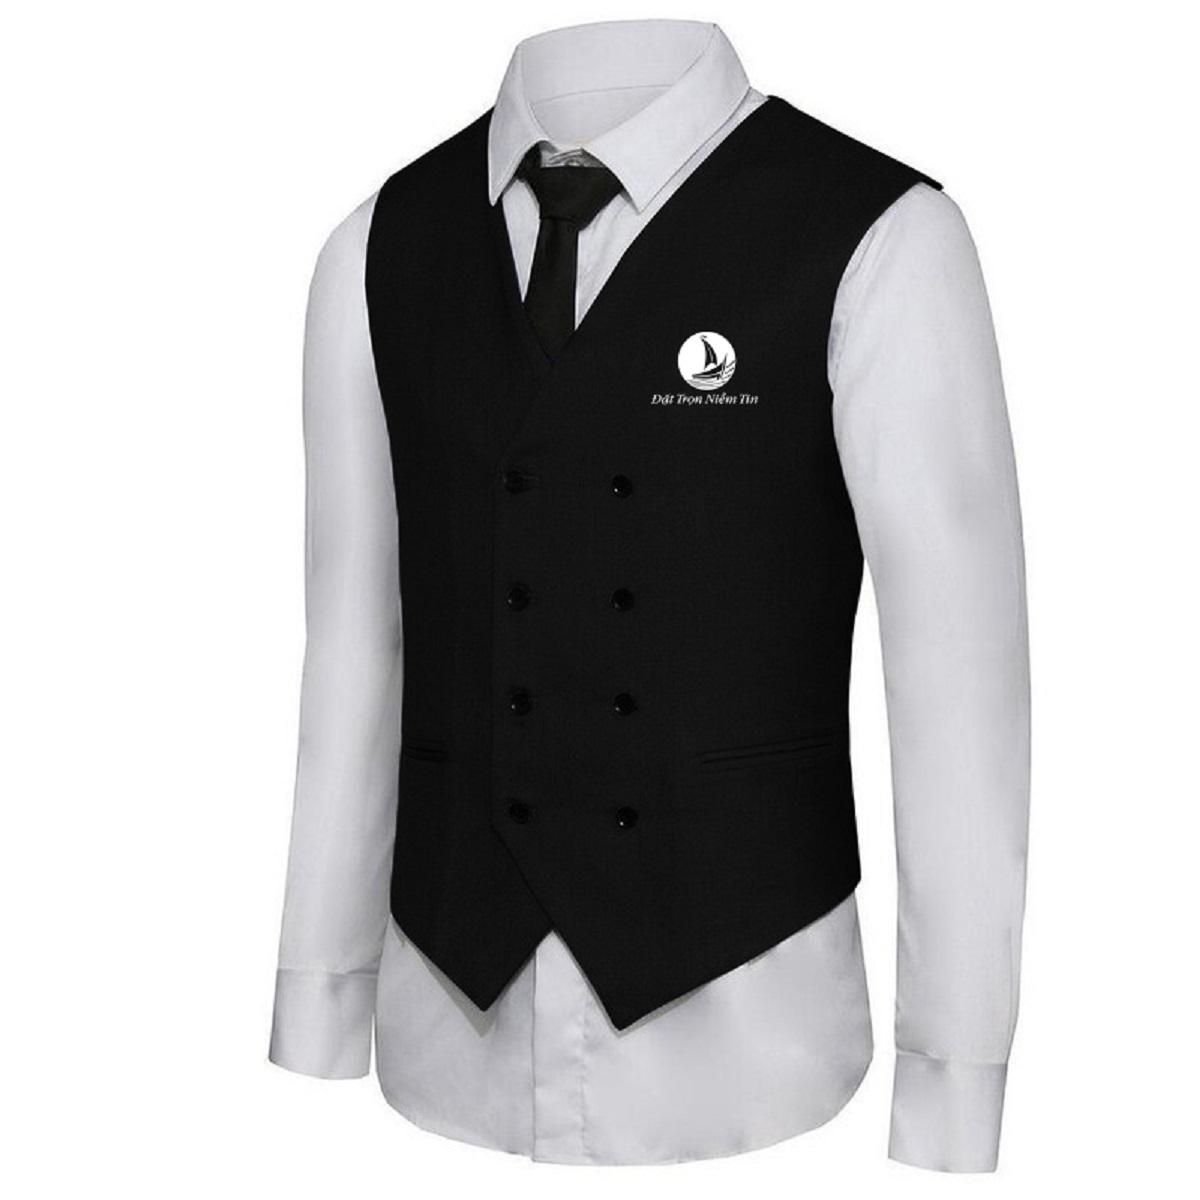 Đồng phục lễ tân Nam áo gile kết hợp sơ mi trắng